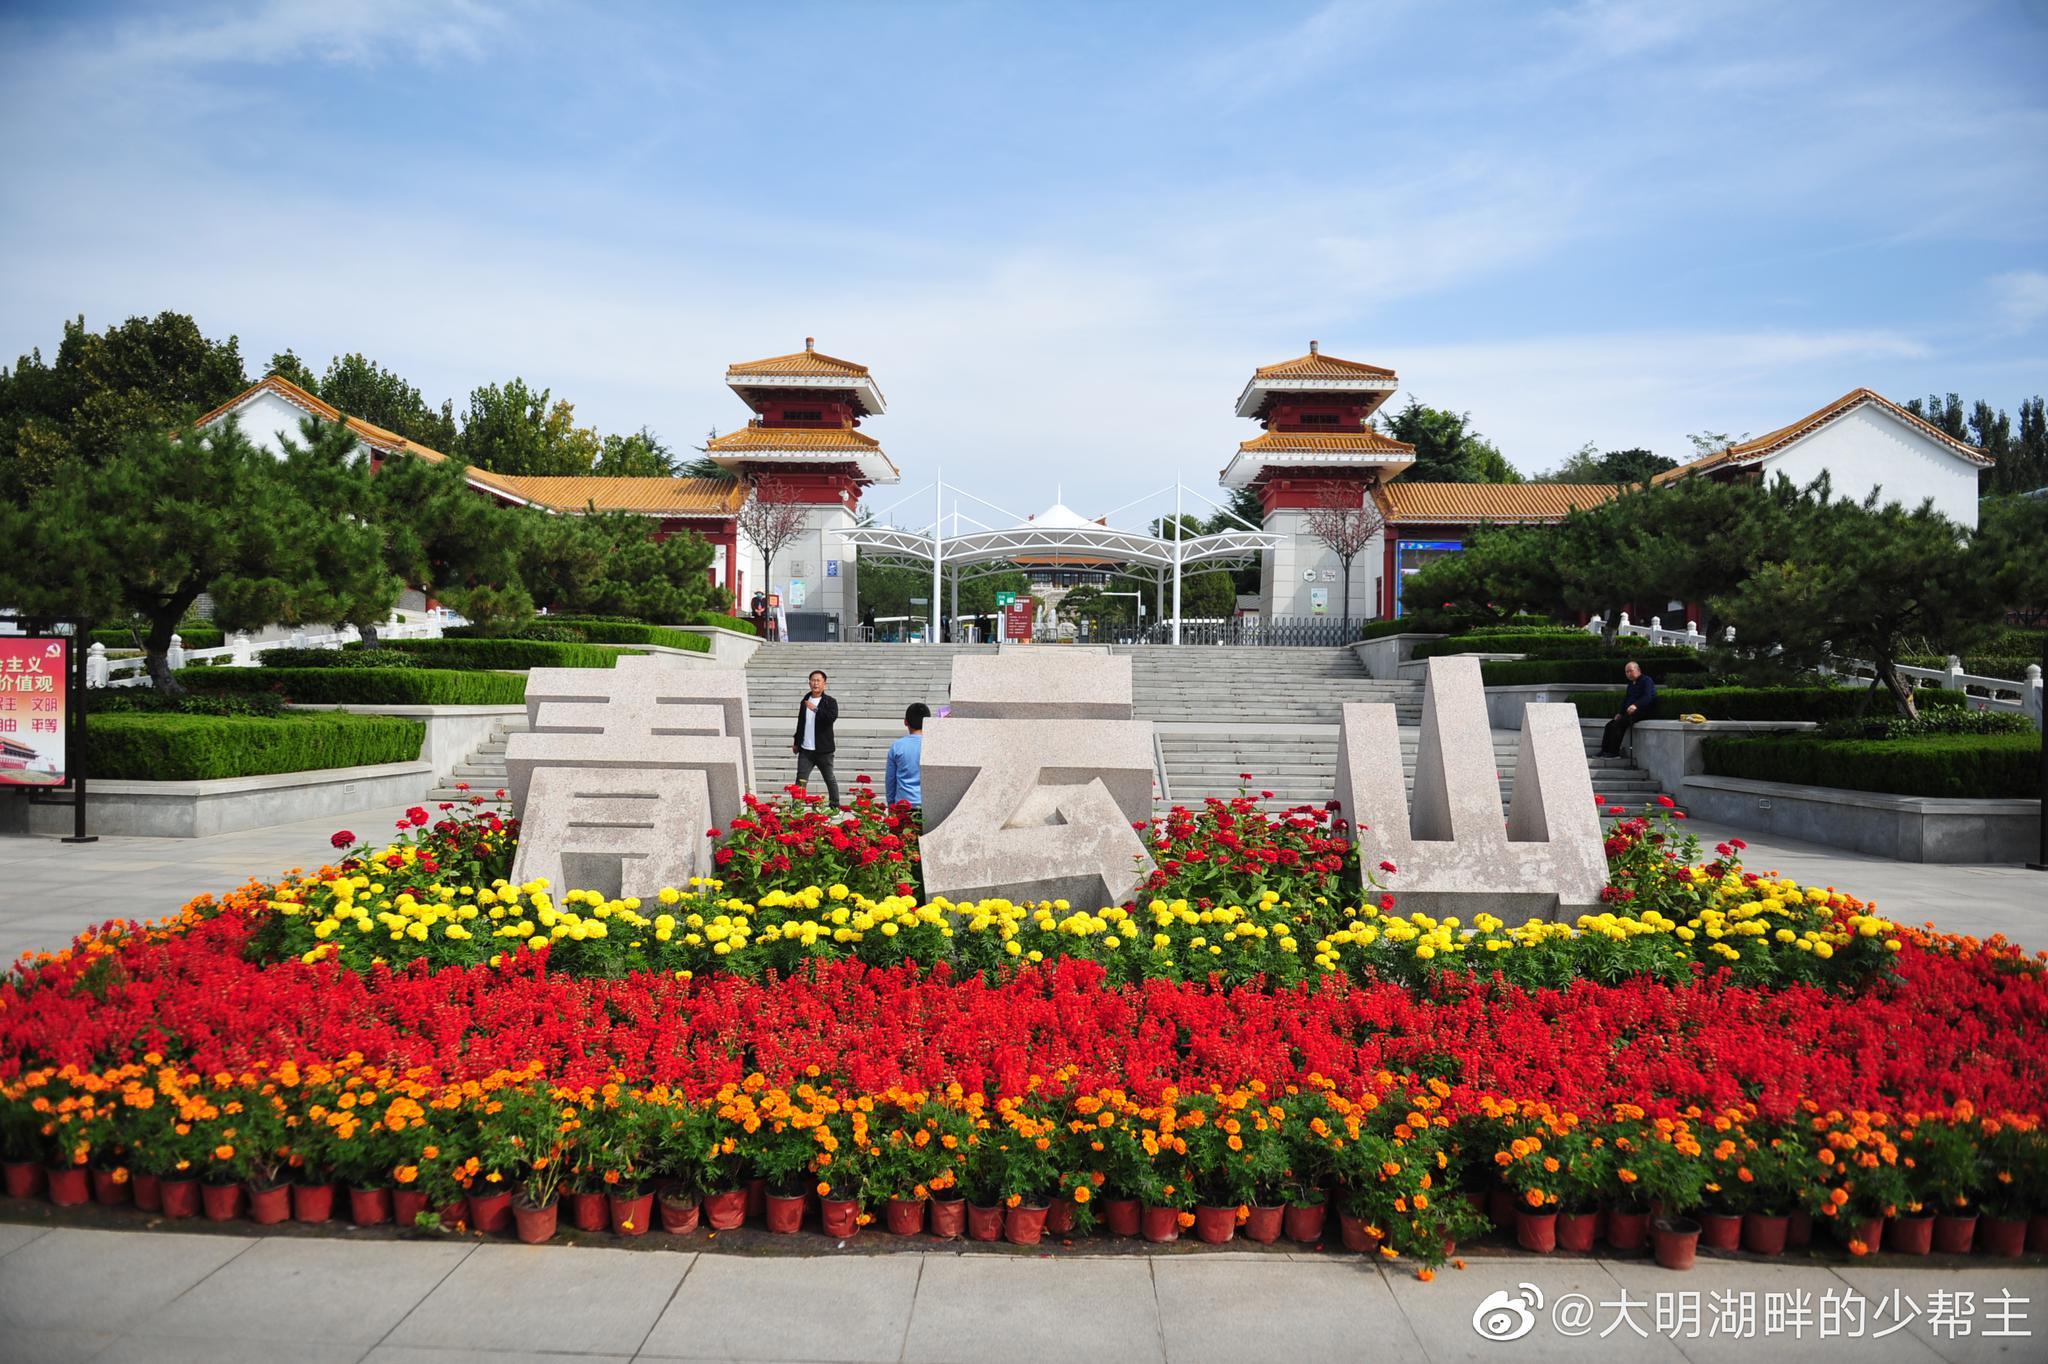 平步青云直上青云山,安丘青云山民俗游乐园位于安丘市东部